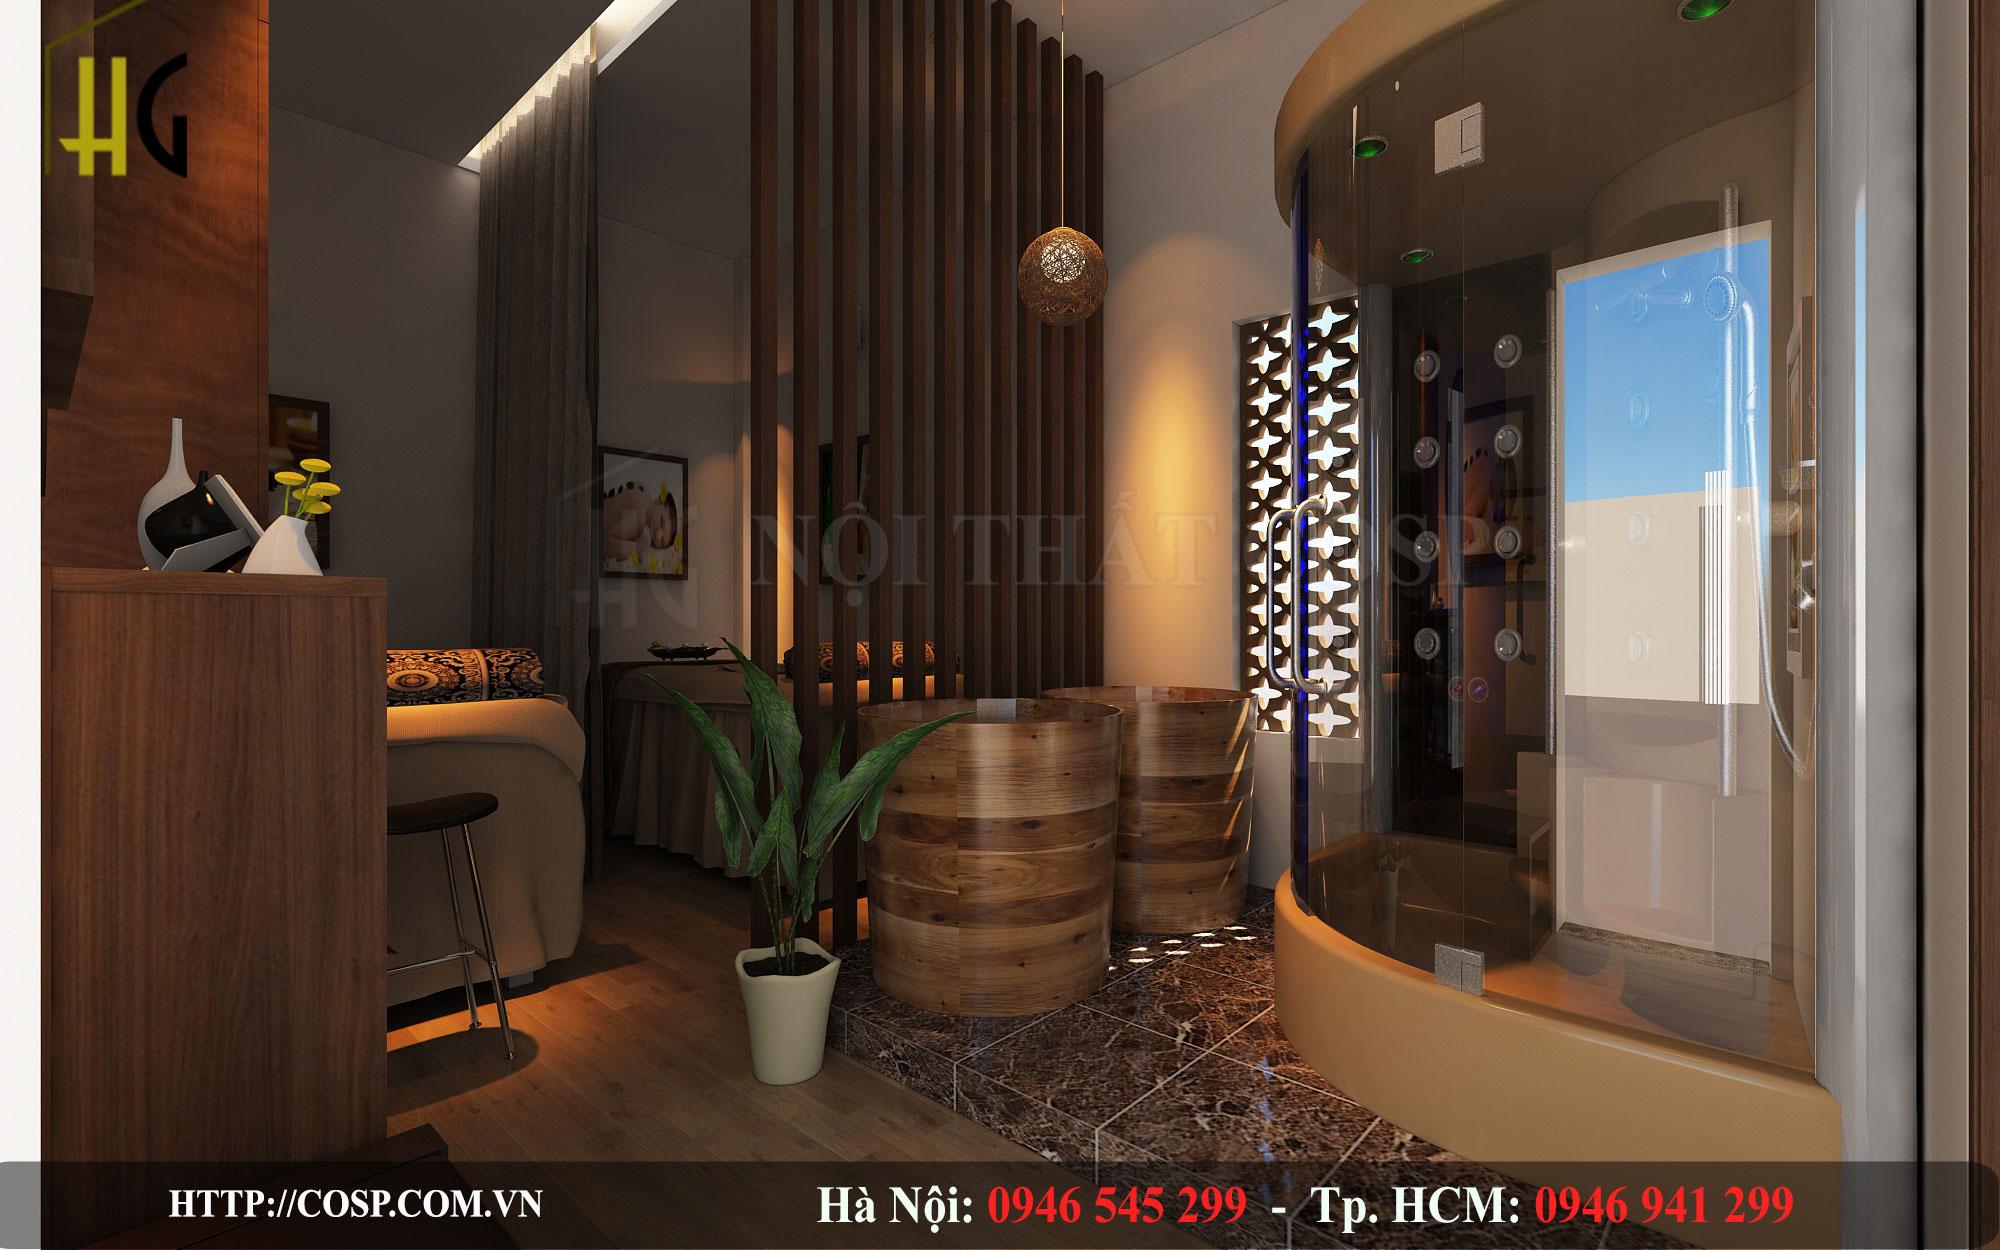 Kết hợp hài hòa những mẫu thiết kế nội thất truyền thống và hiện đại